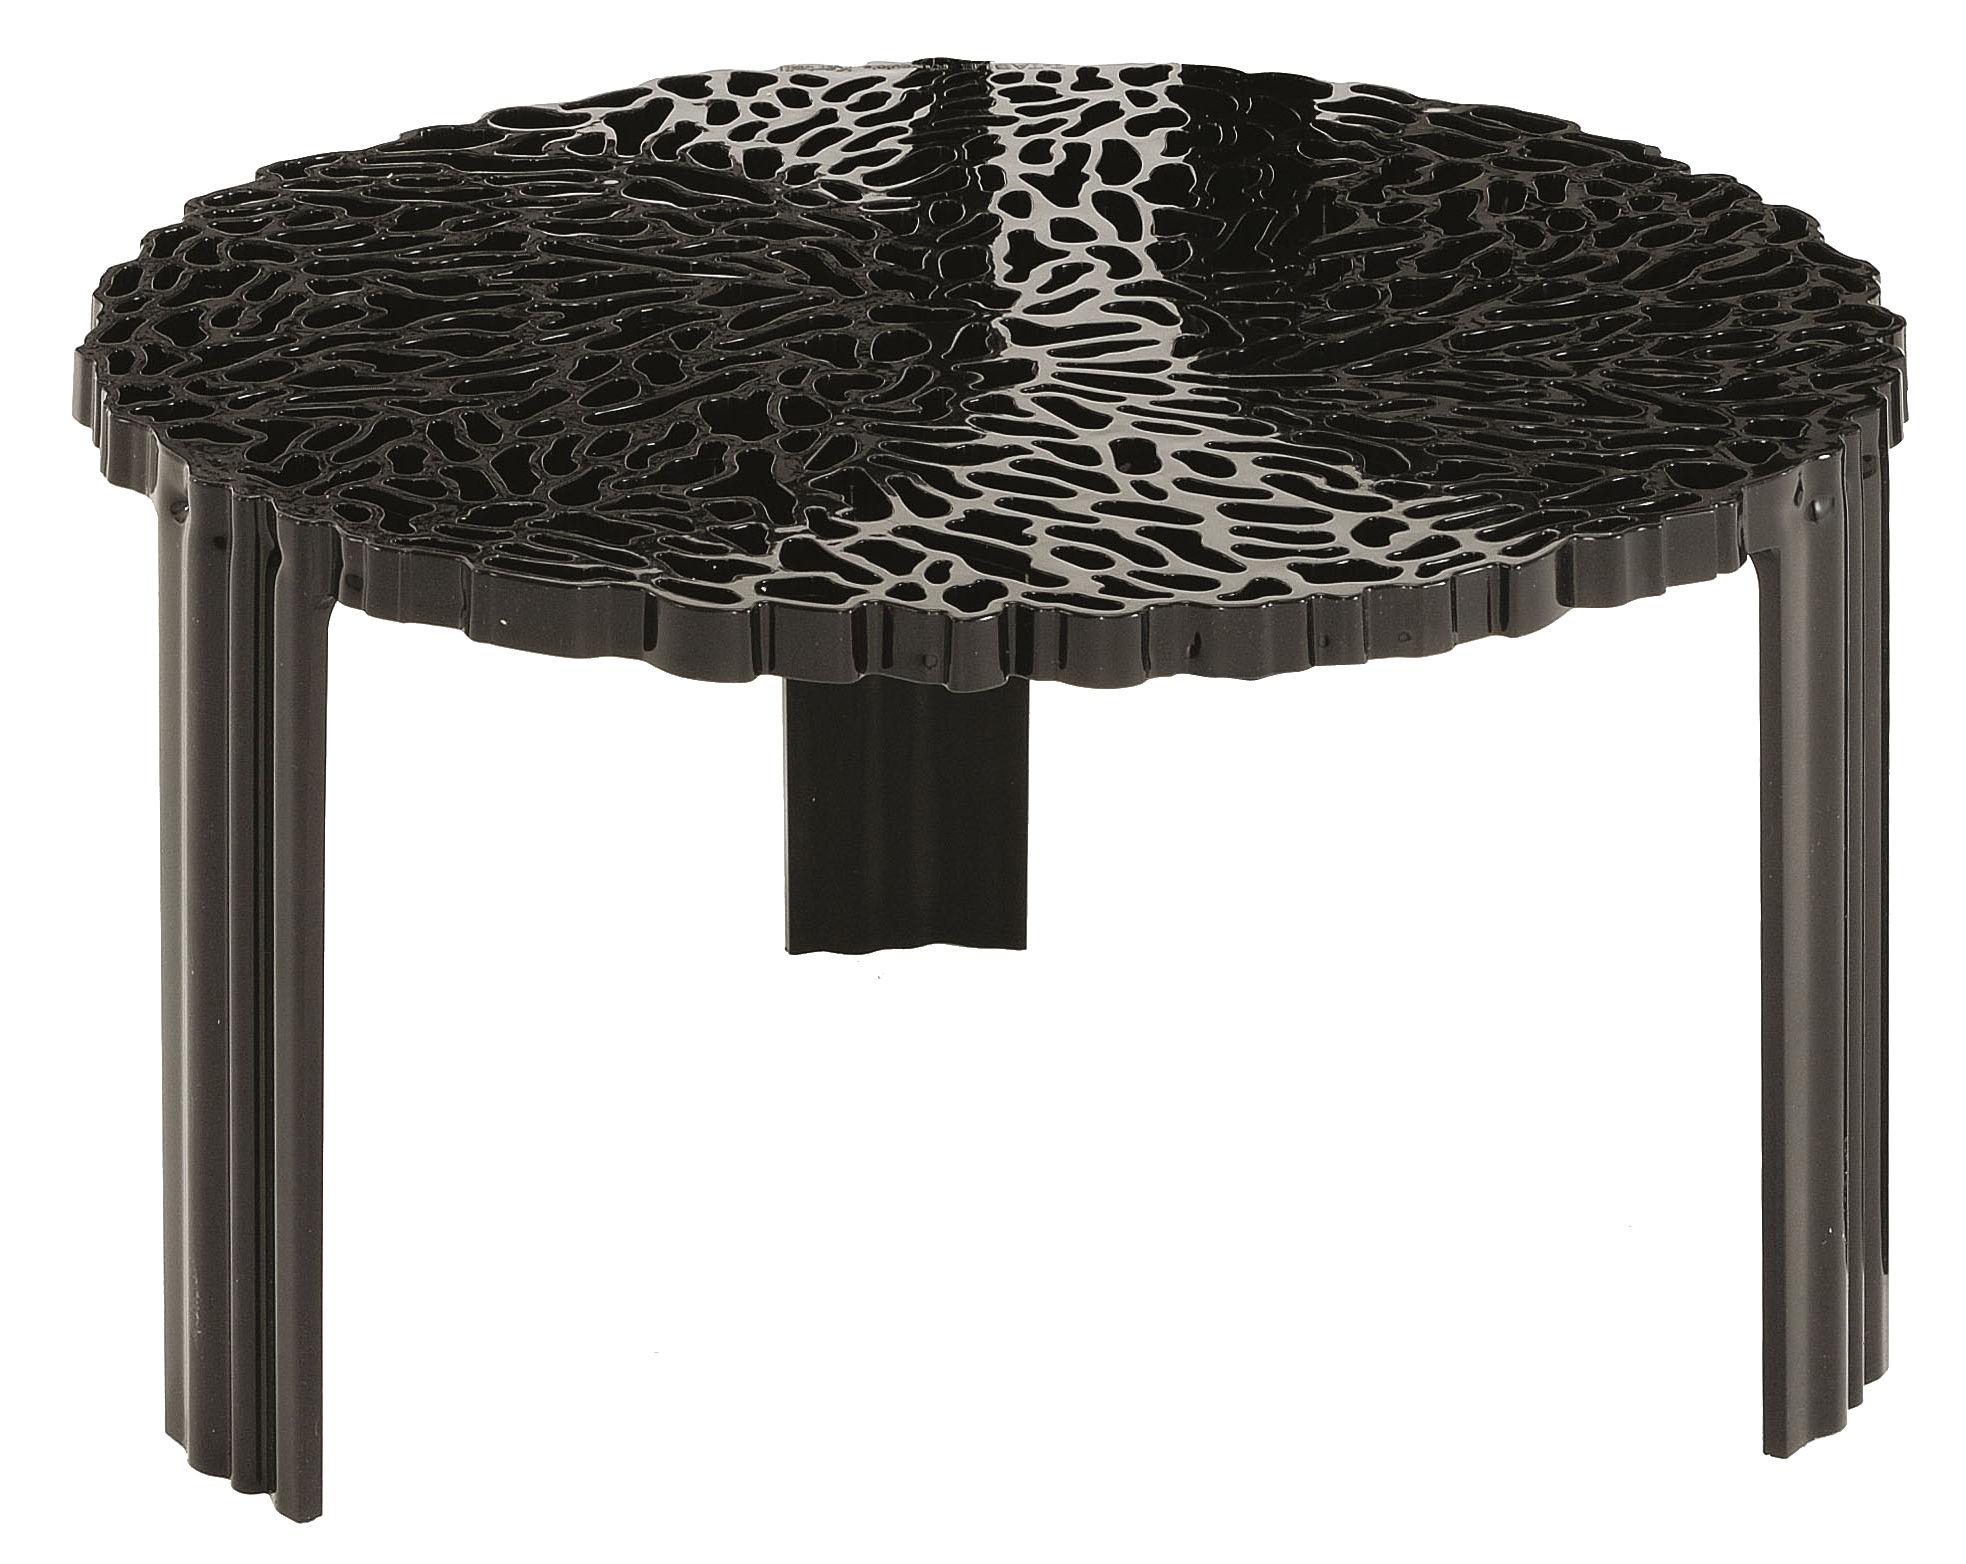 Arredamento - Tavolini  - Tavolino T-Table Basso di Kartell - Nero opaco - PMMA